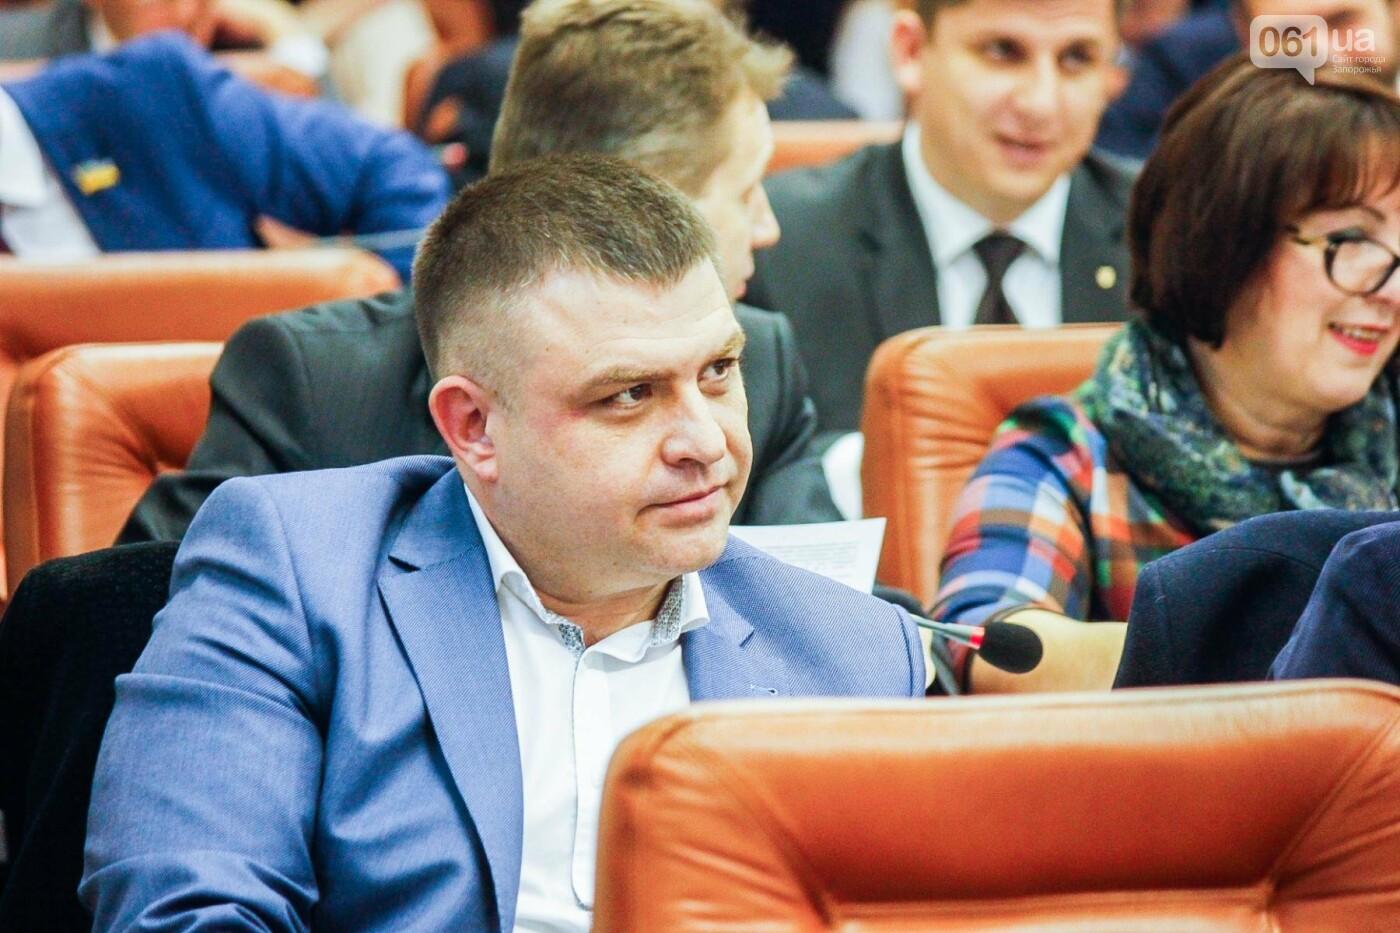 Сессия запорожского горсовета в лицах, - ФОТОРЕПОРТАЖ, фото-39